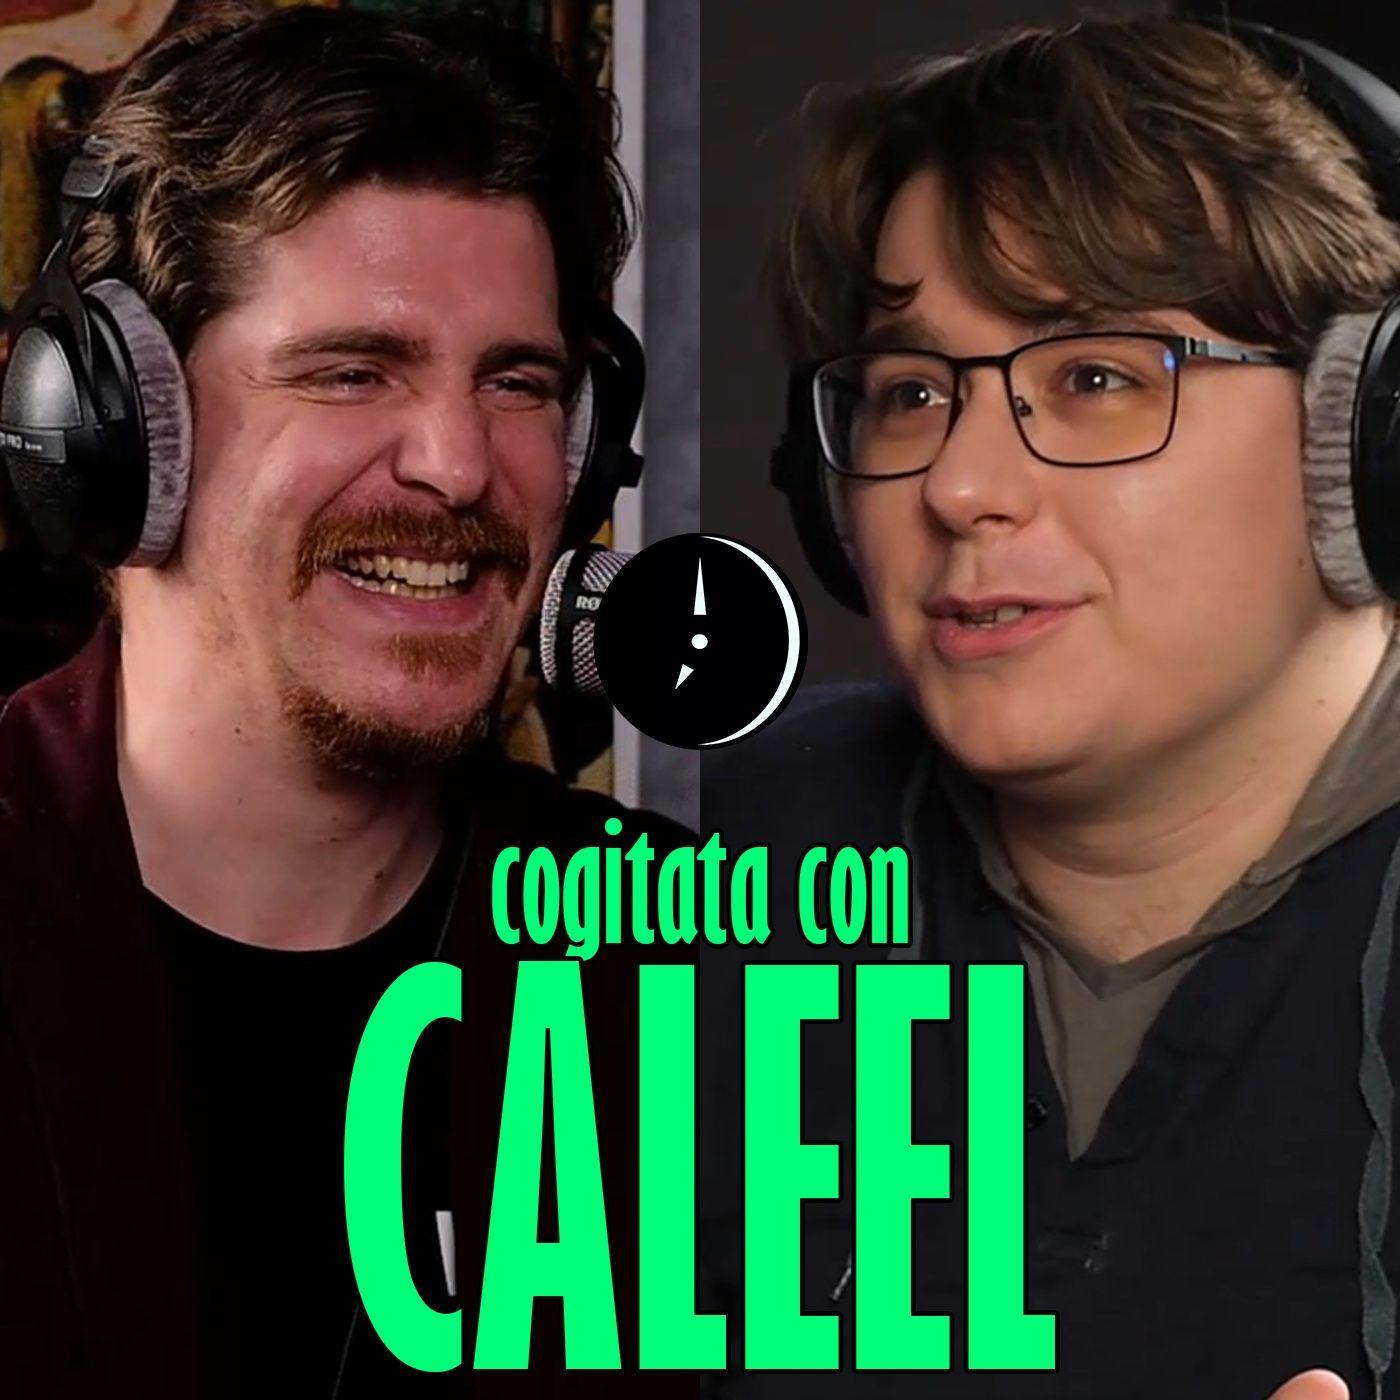 Cogitata con CALEEL, autore e youtuber